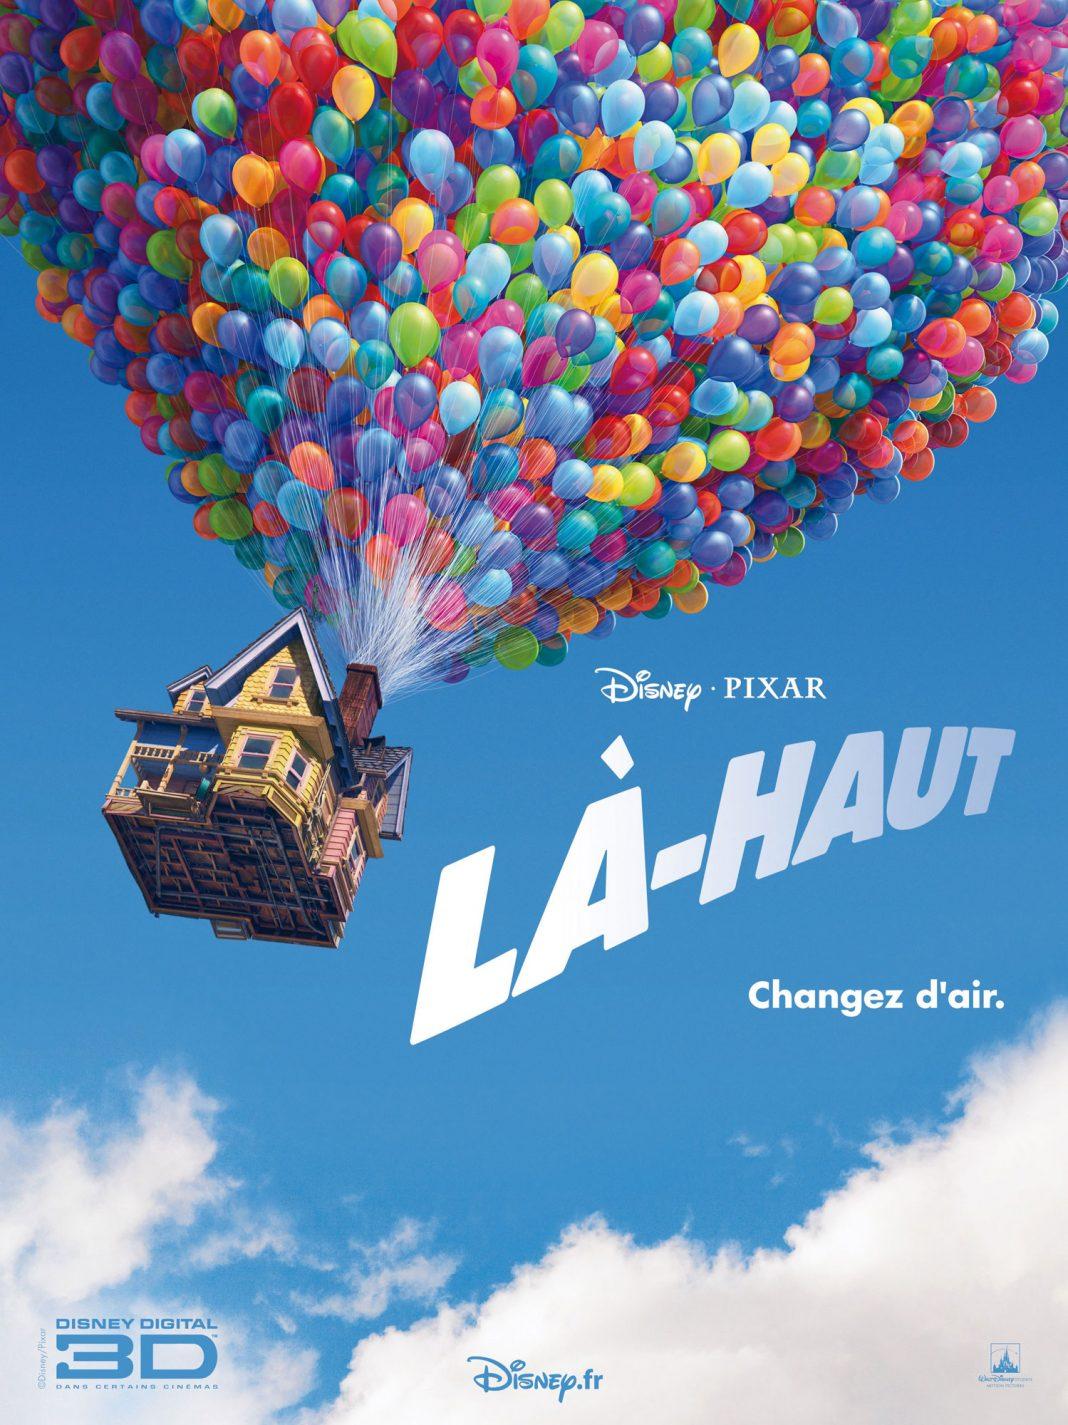 affiche disney pixar la-haut up poster